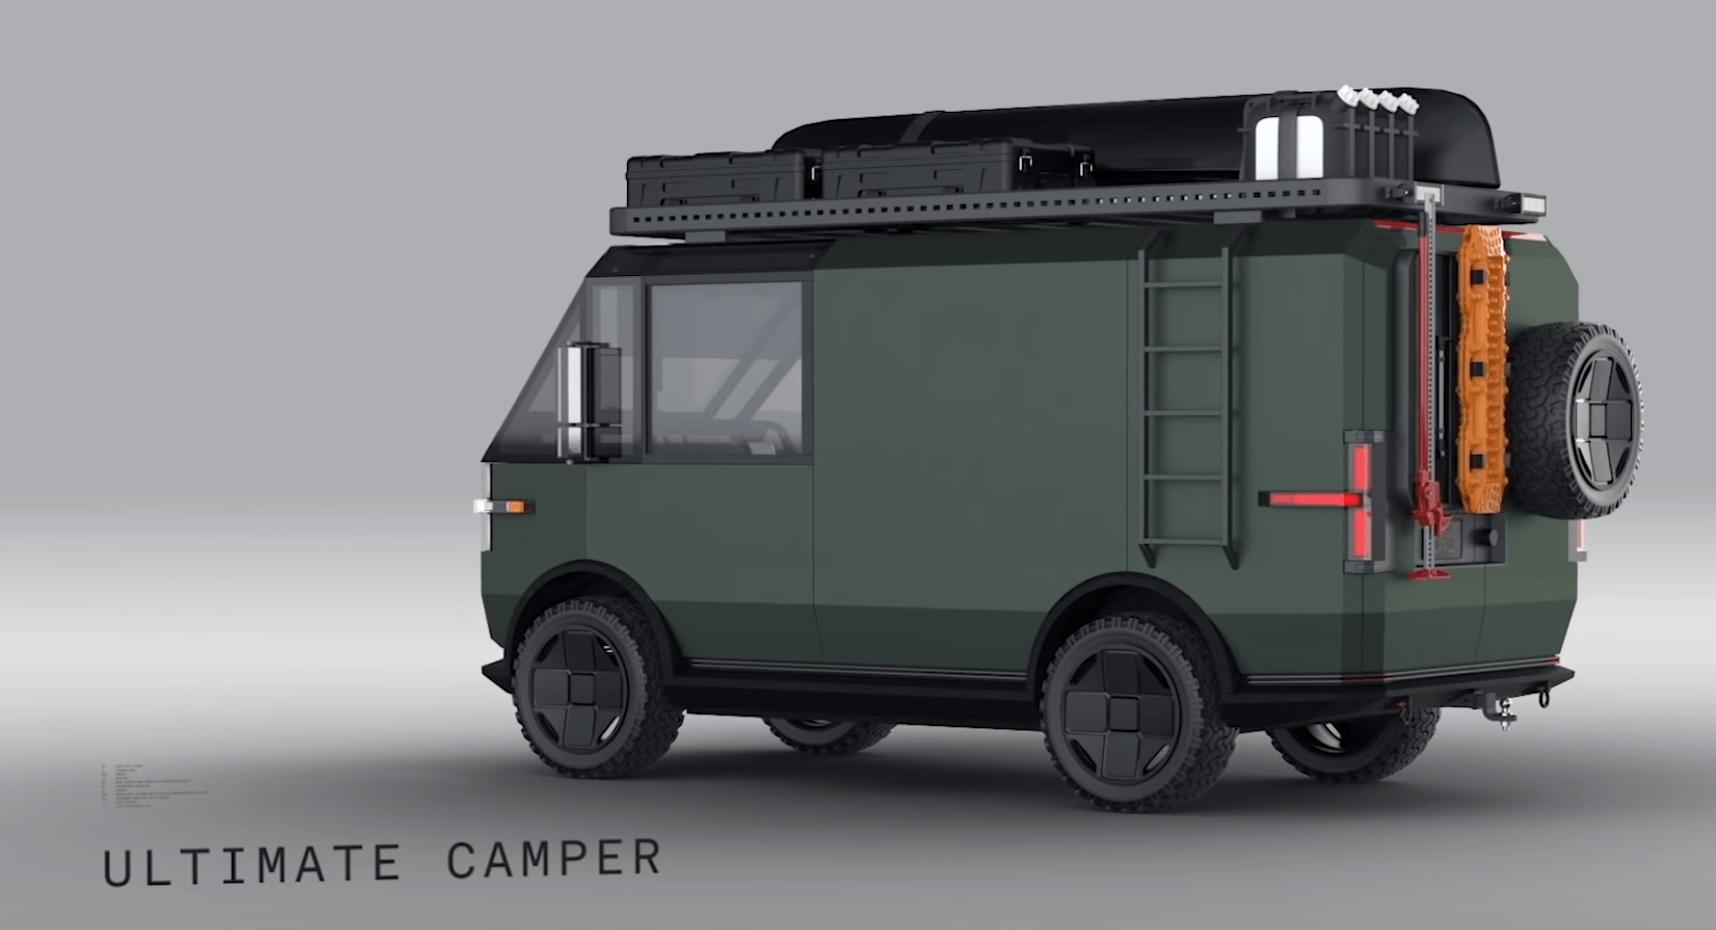 El concepto Ultimate Camper de Canoo